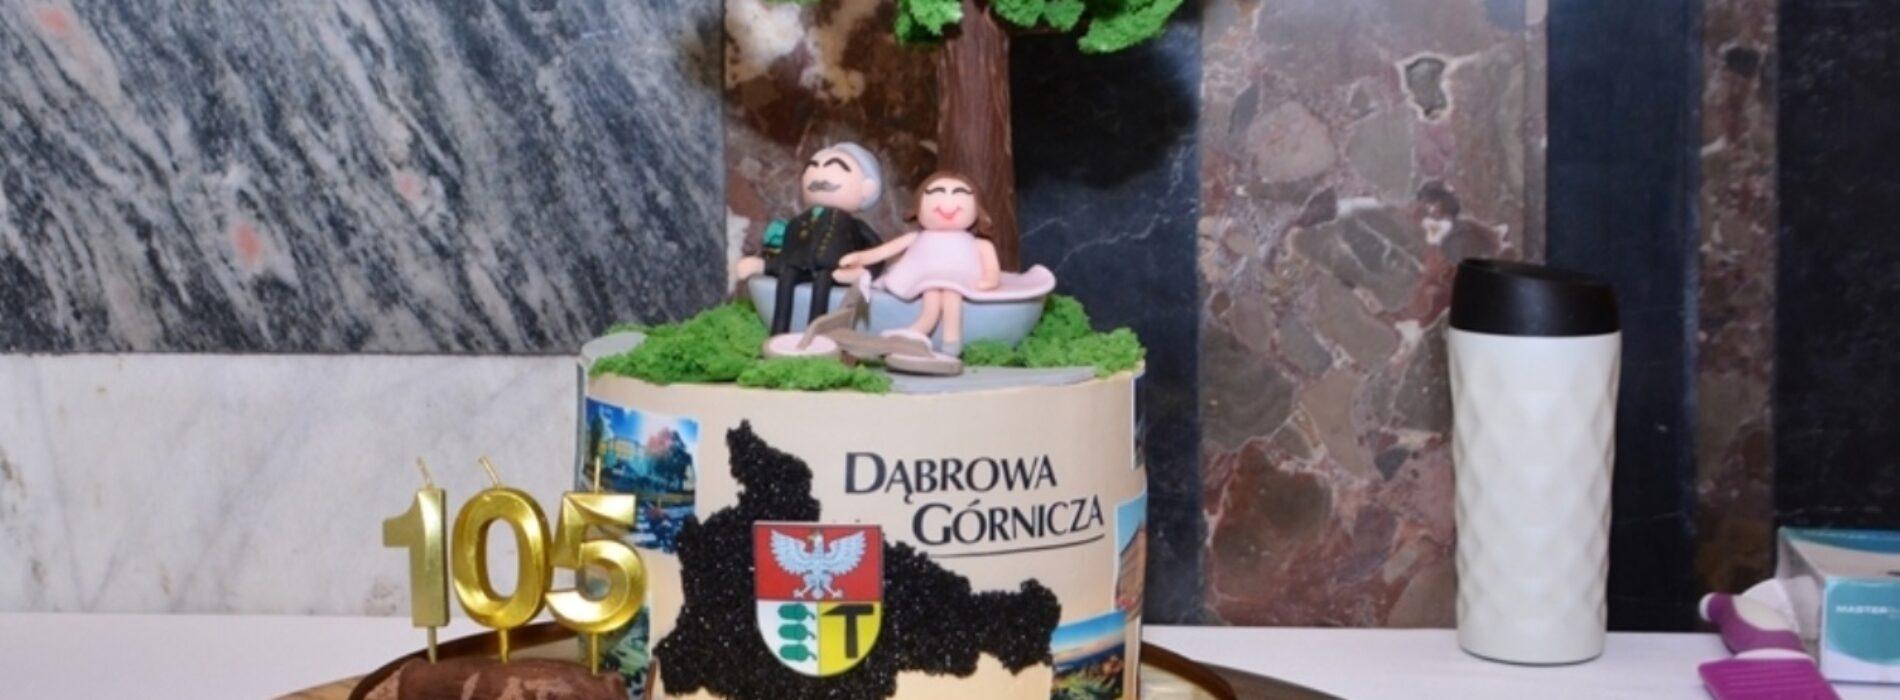 Dąbrowa Górnicza świętuje swoje urodziny